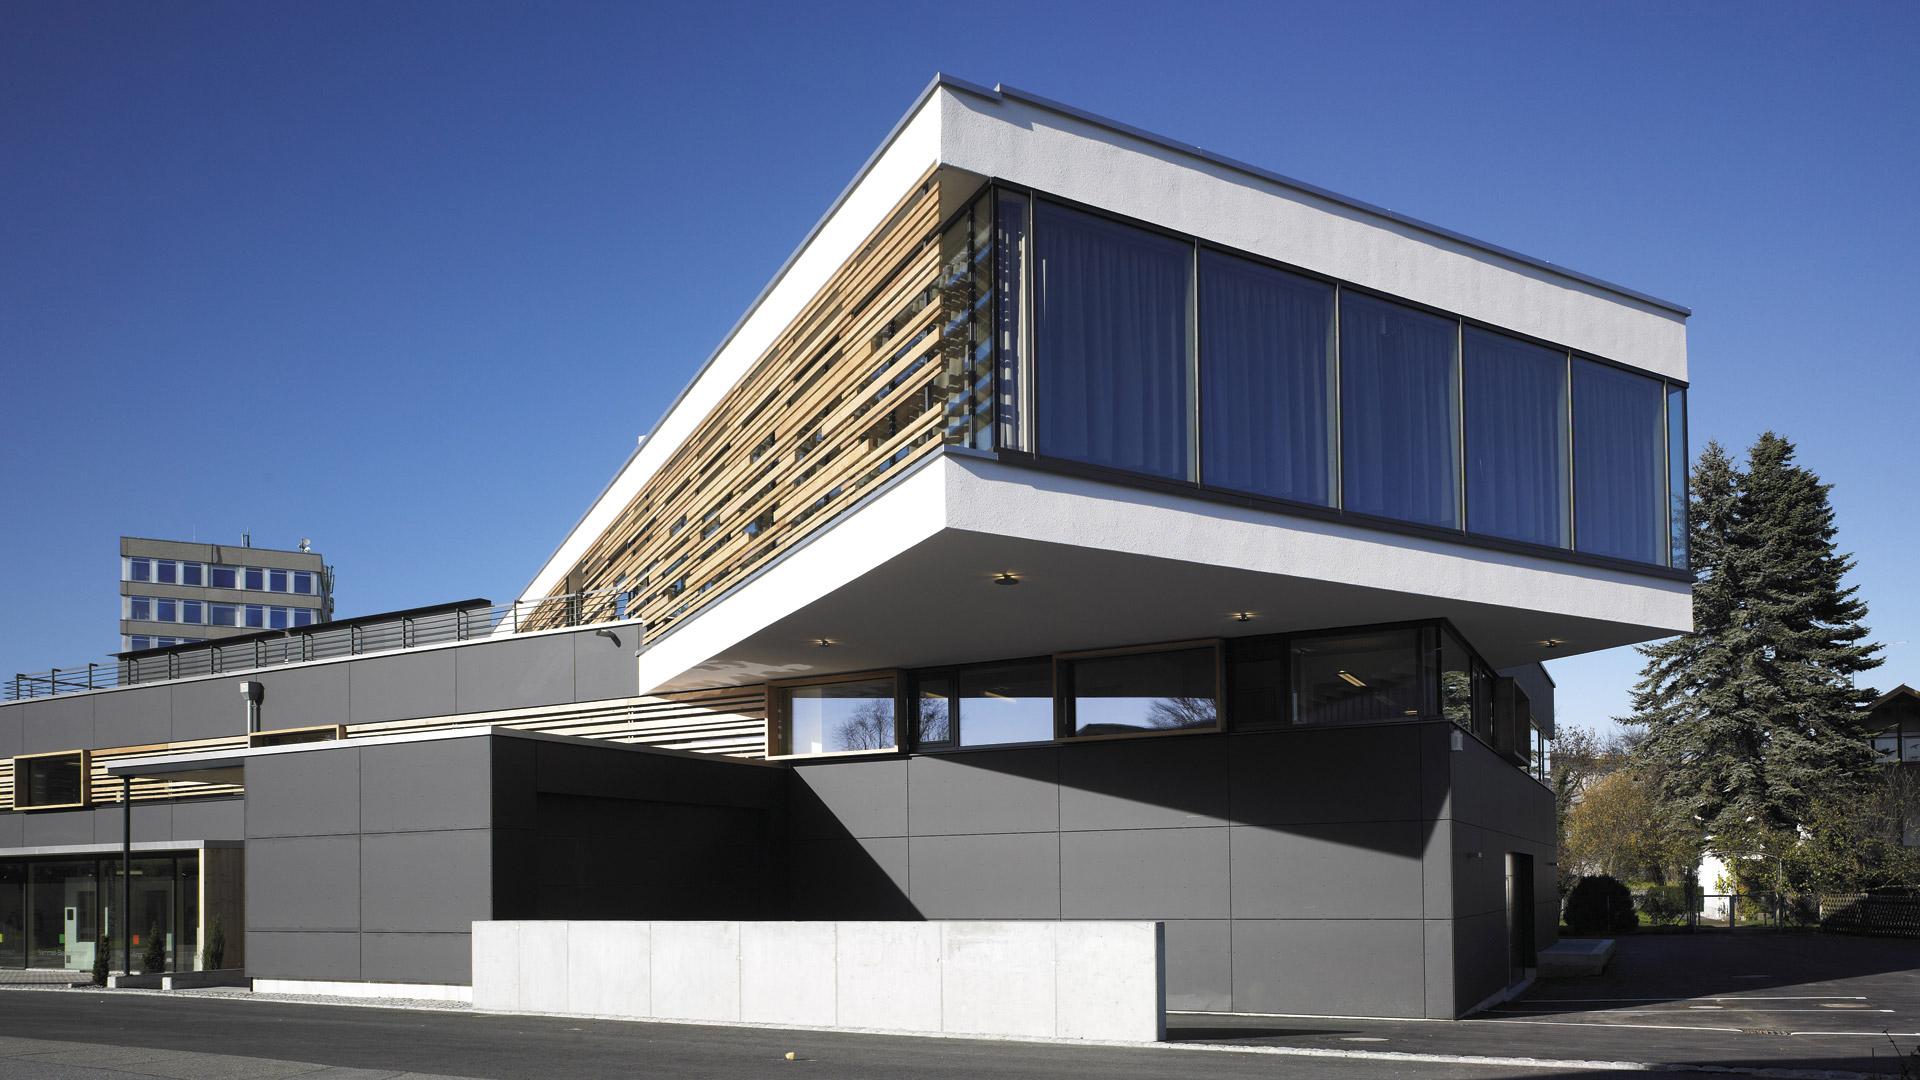 Slider werkhaus anbau for Raumgestaltung rosenheim